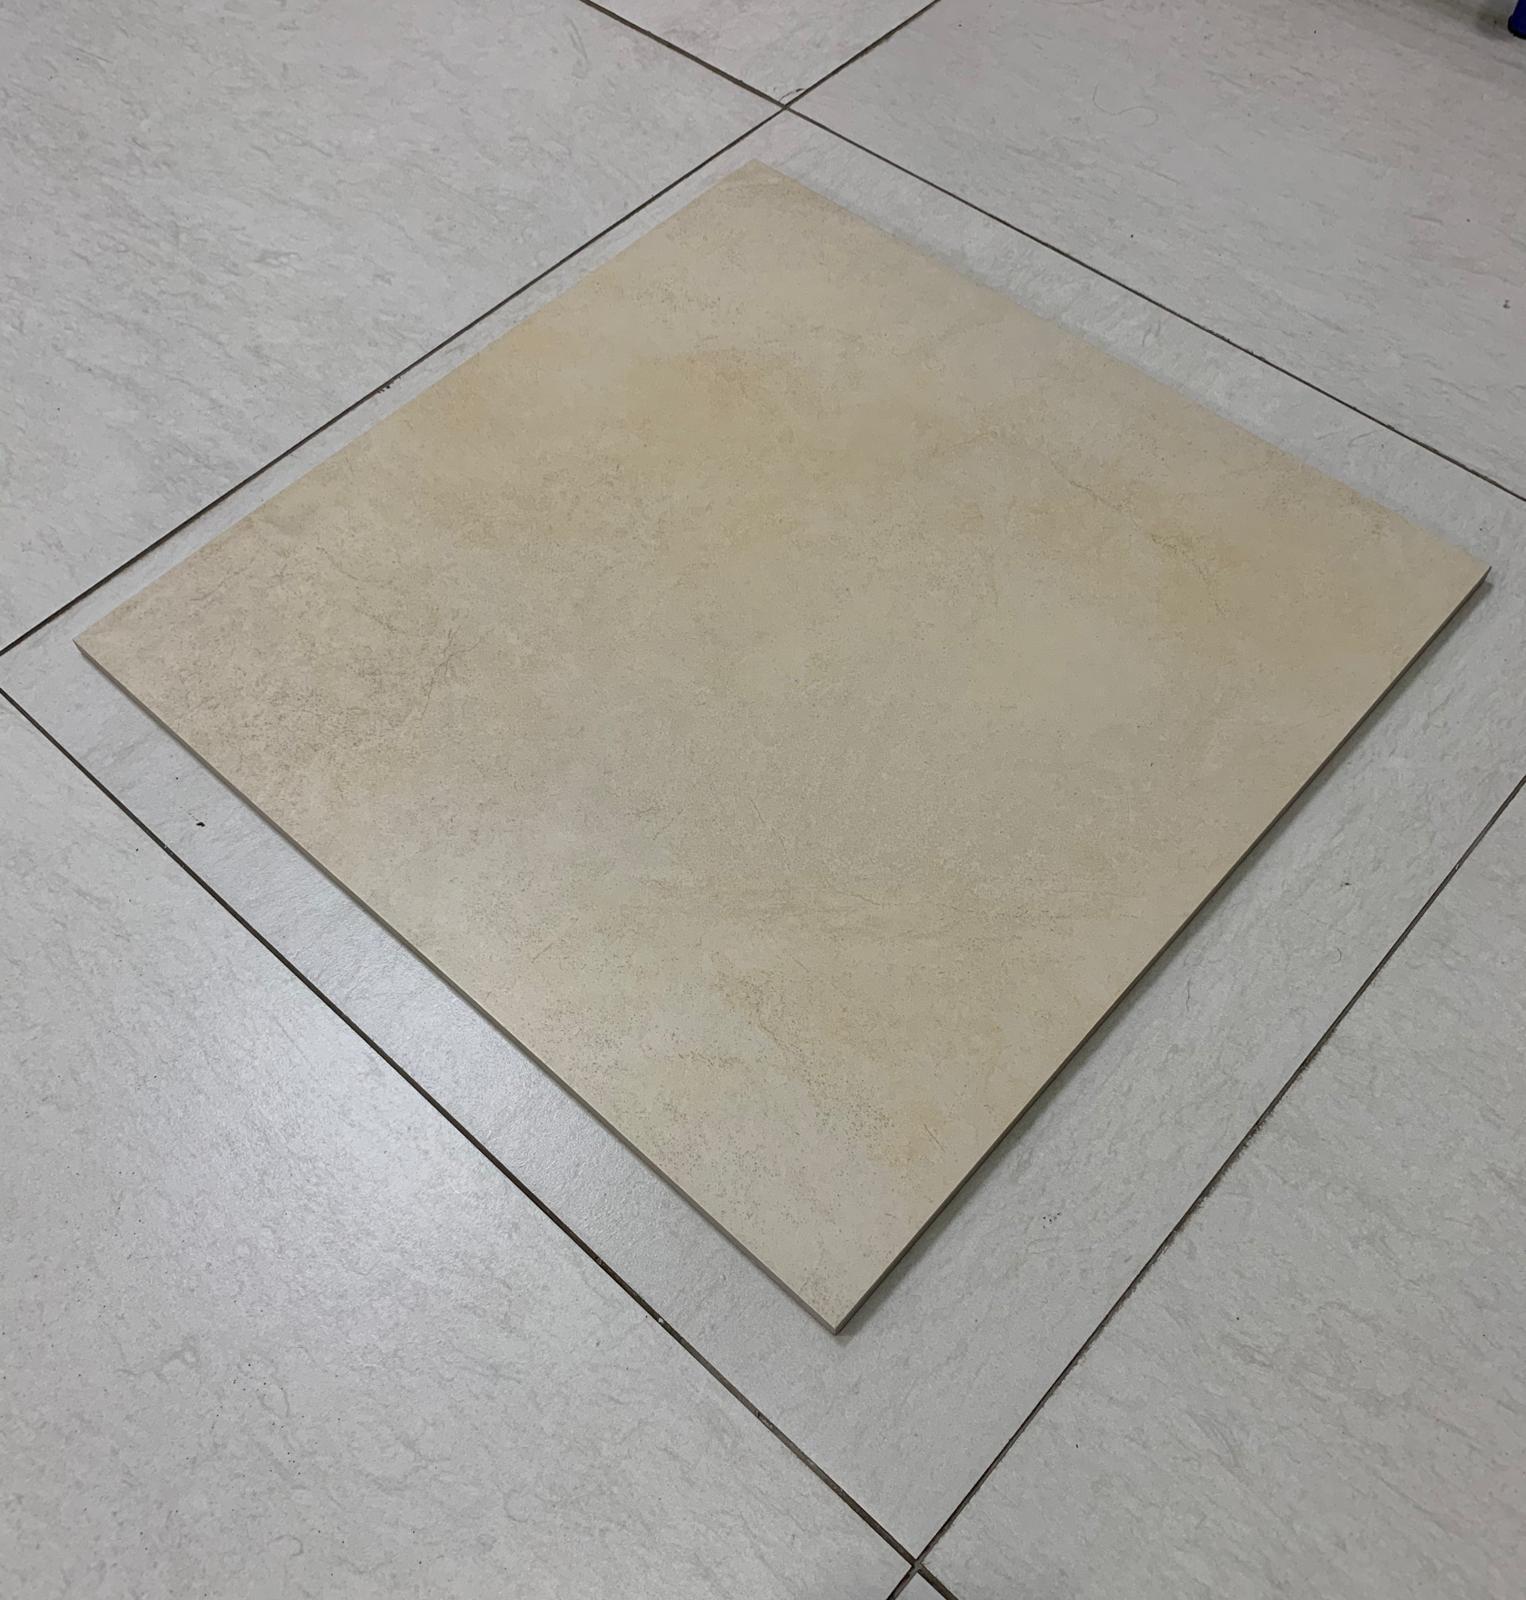 Ragno Gres Porcellanato Effetto Legno piastrella pavimento gres porcellanato effetto cemento 50x50